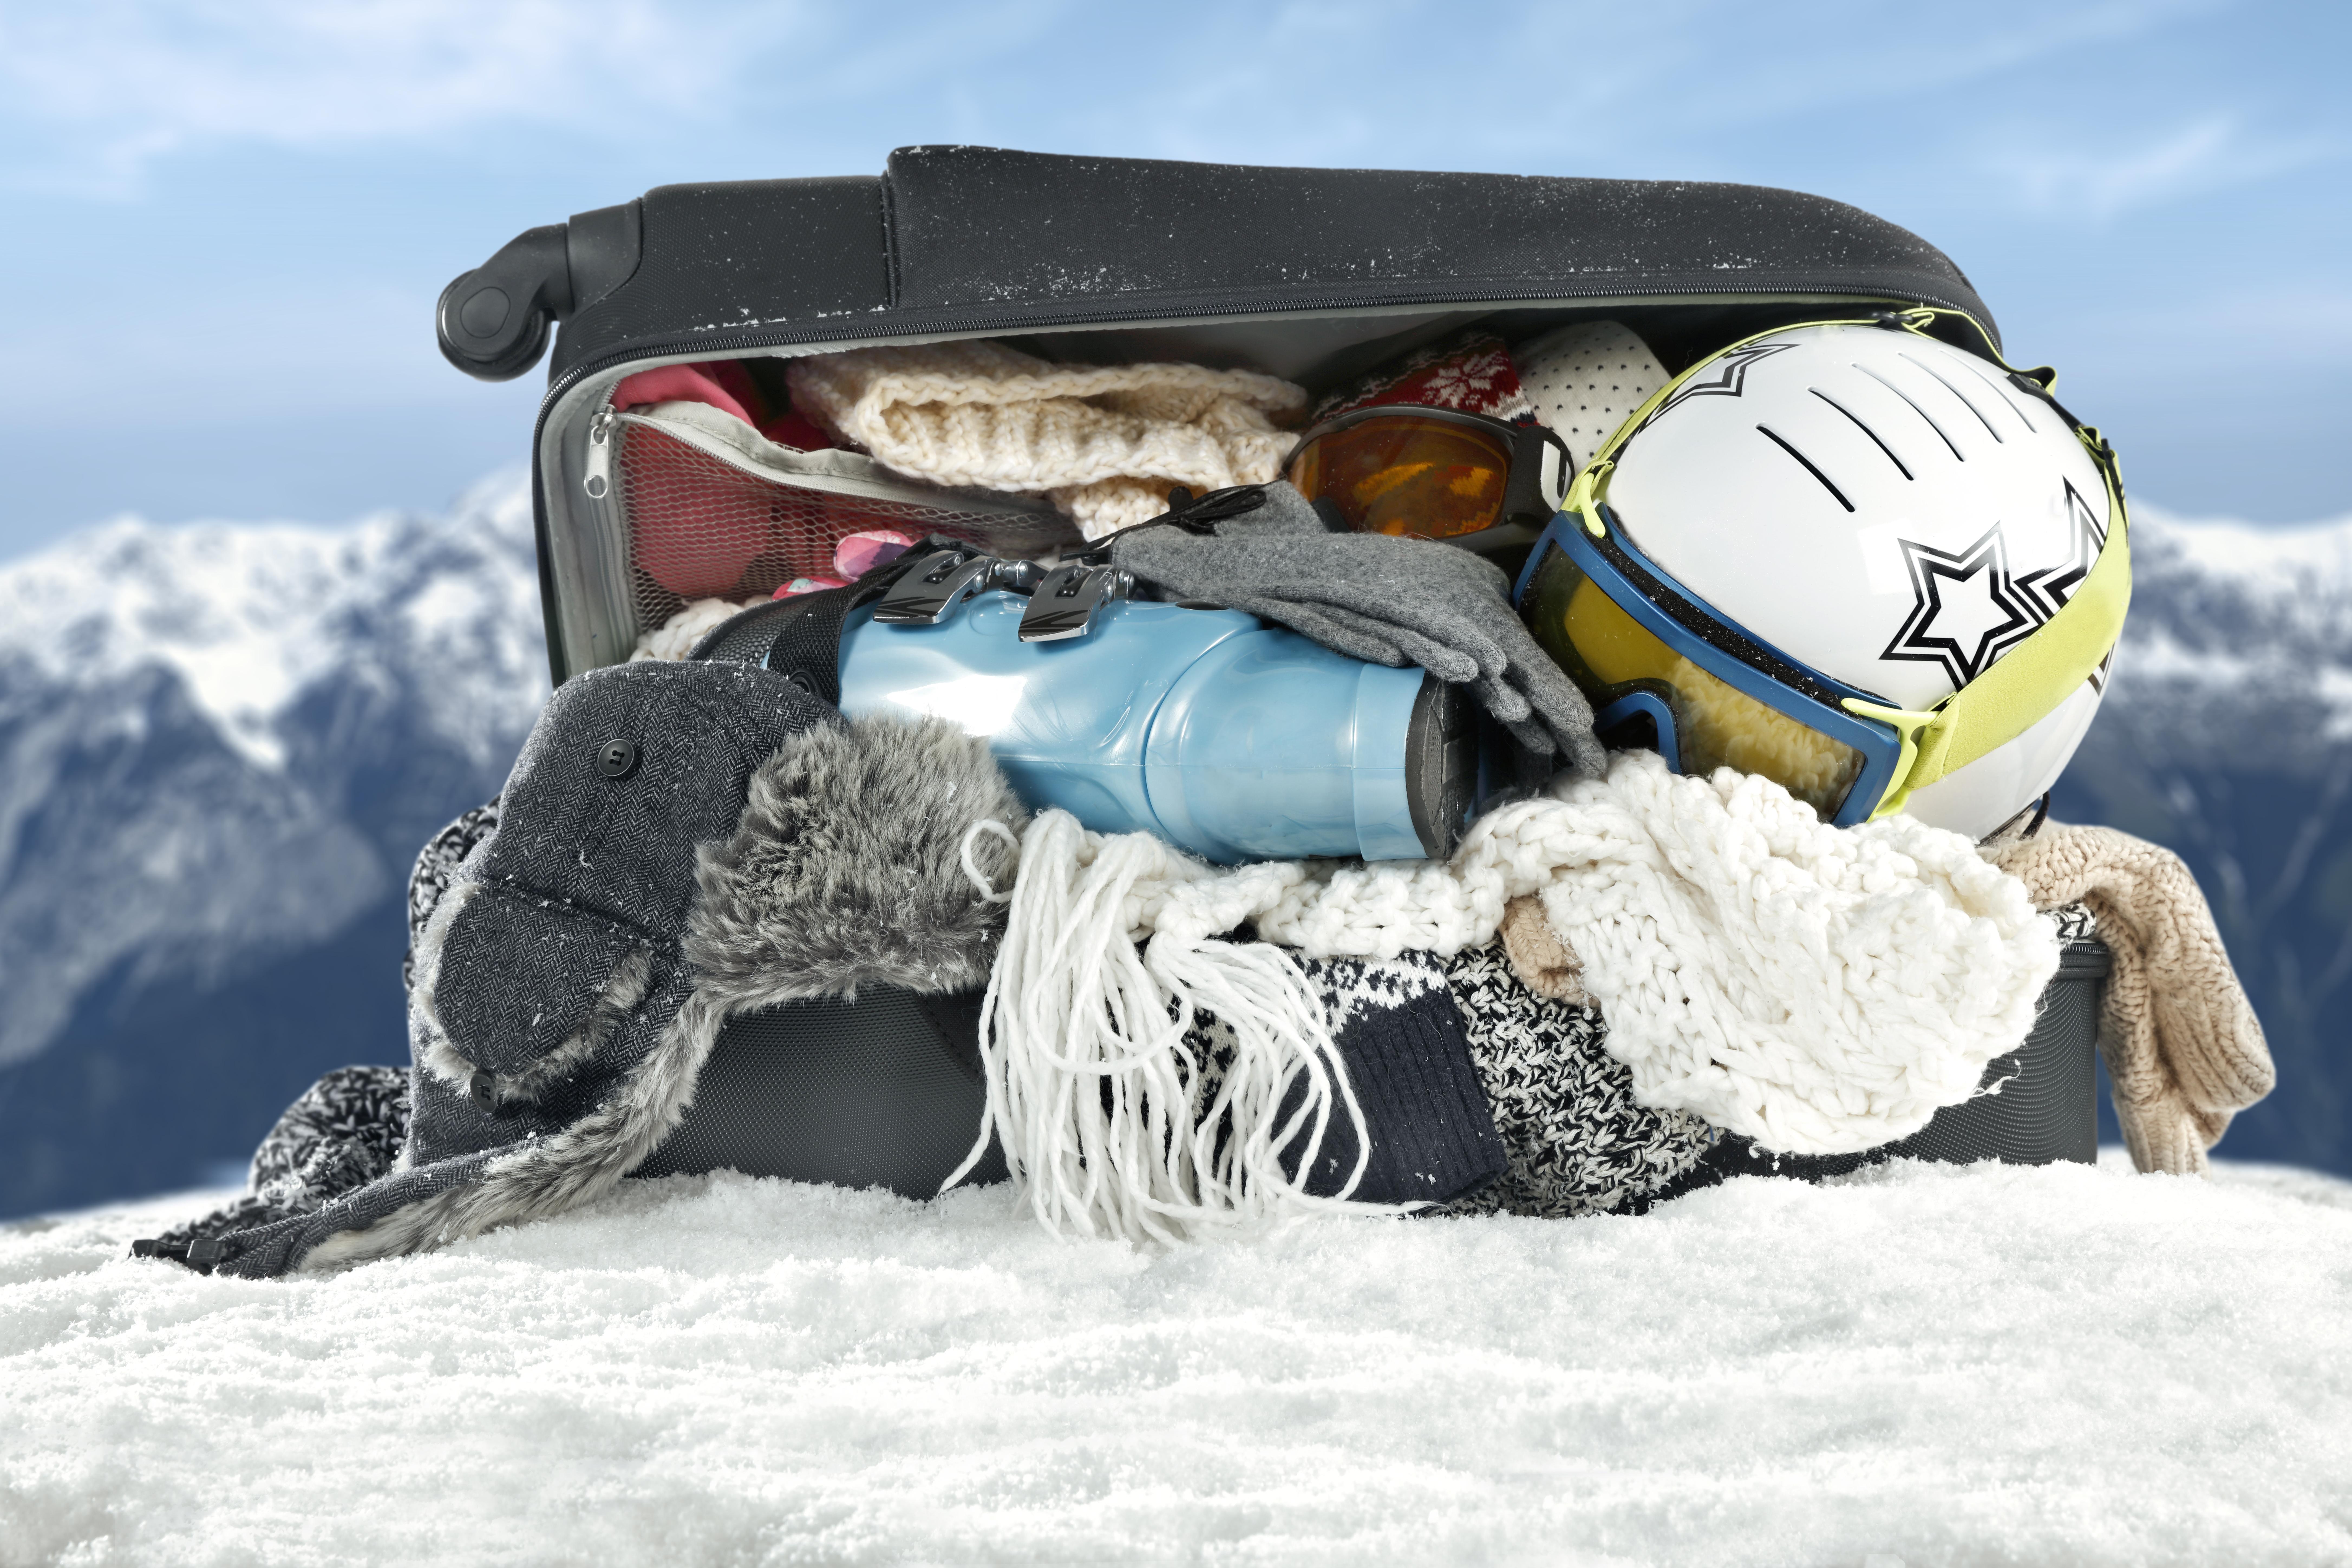 Réussir à boucler les valises de ski